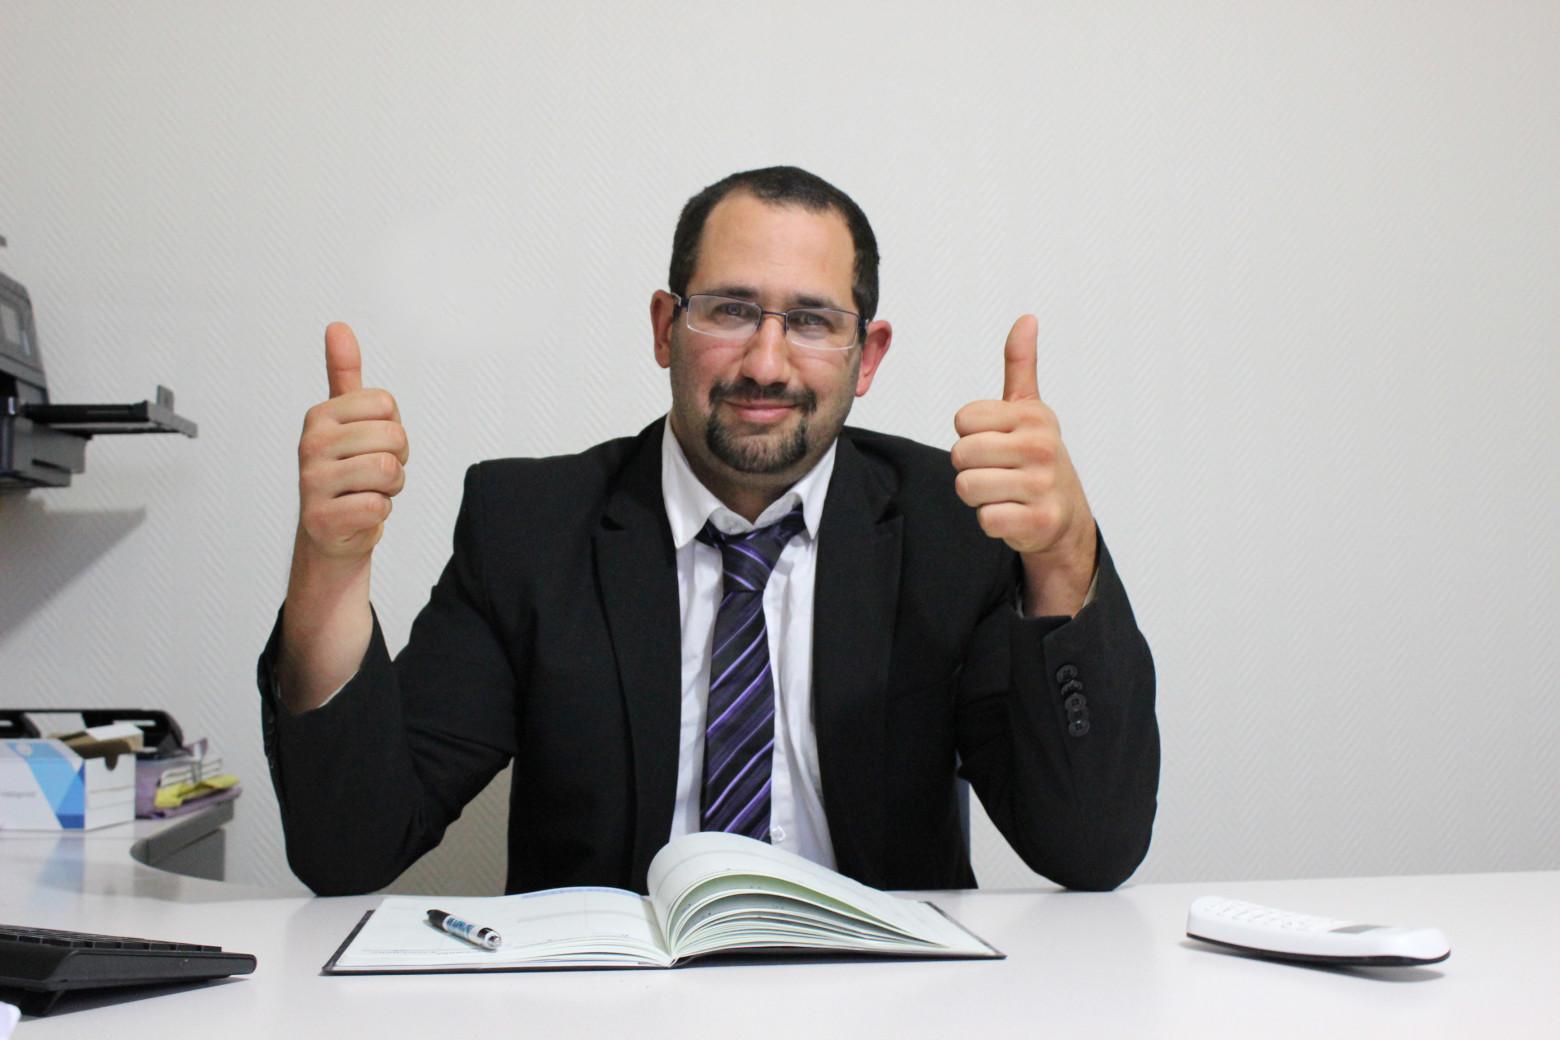 Homme bureau travail entreprise businessman photos gratuites images gratuites et libres de droits - Bureau de conciliation prud hommes ...